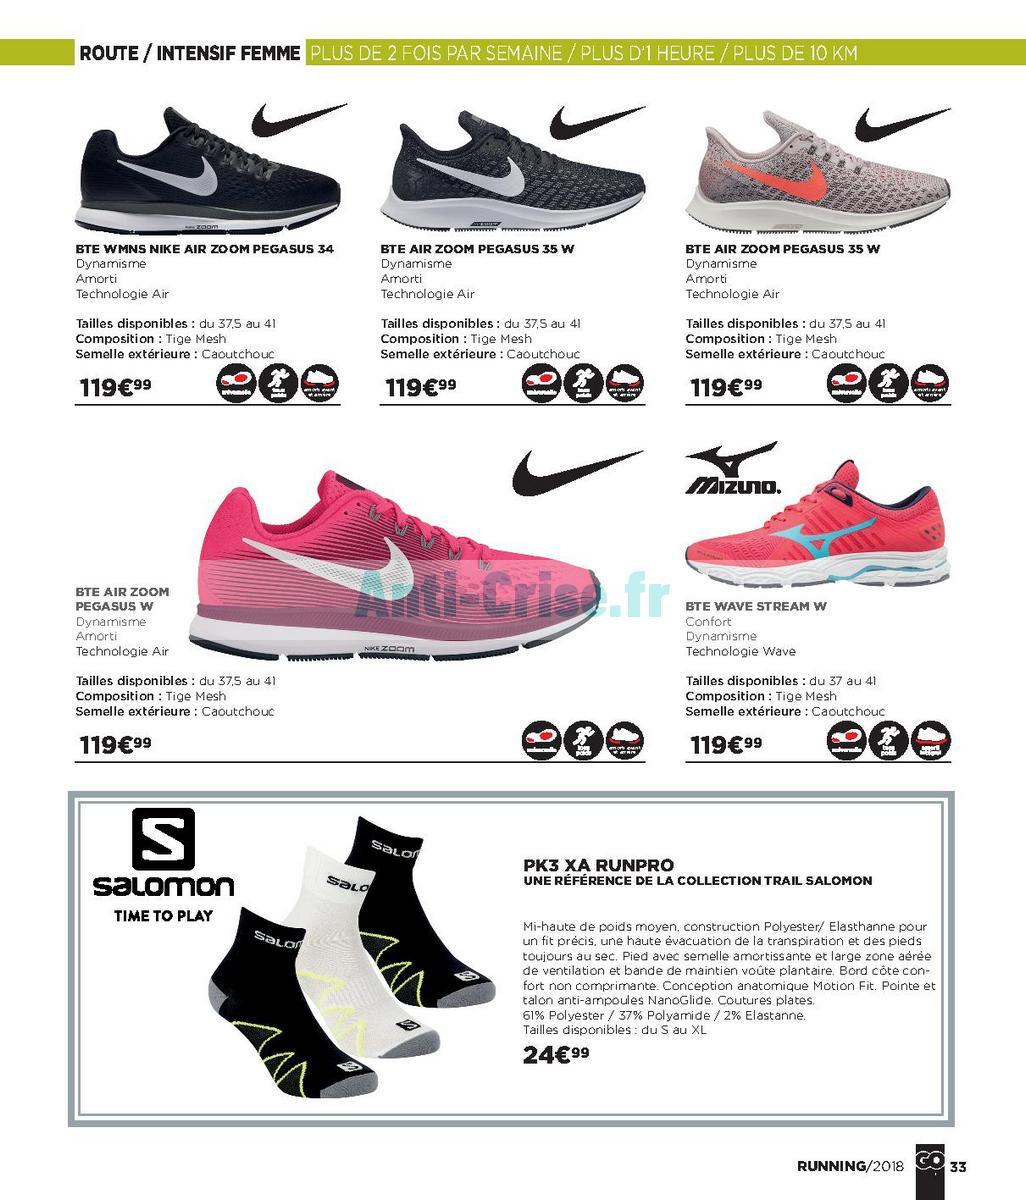 septembre2018 Catalogue Go Sport du 28 avril au 21 septembre 2018 (Running) (33)